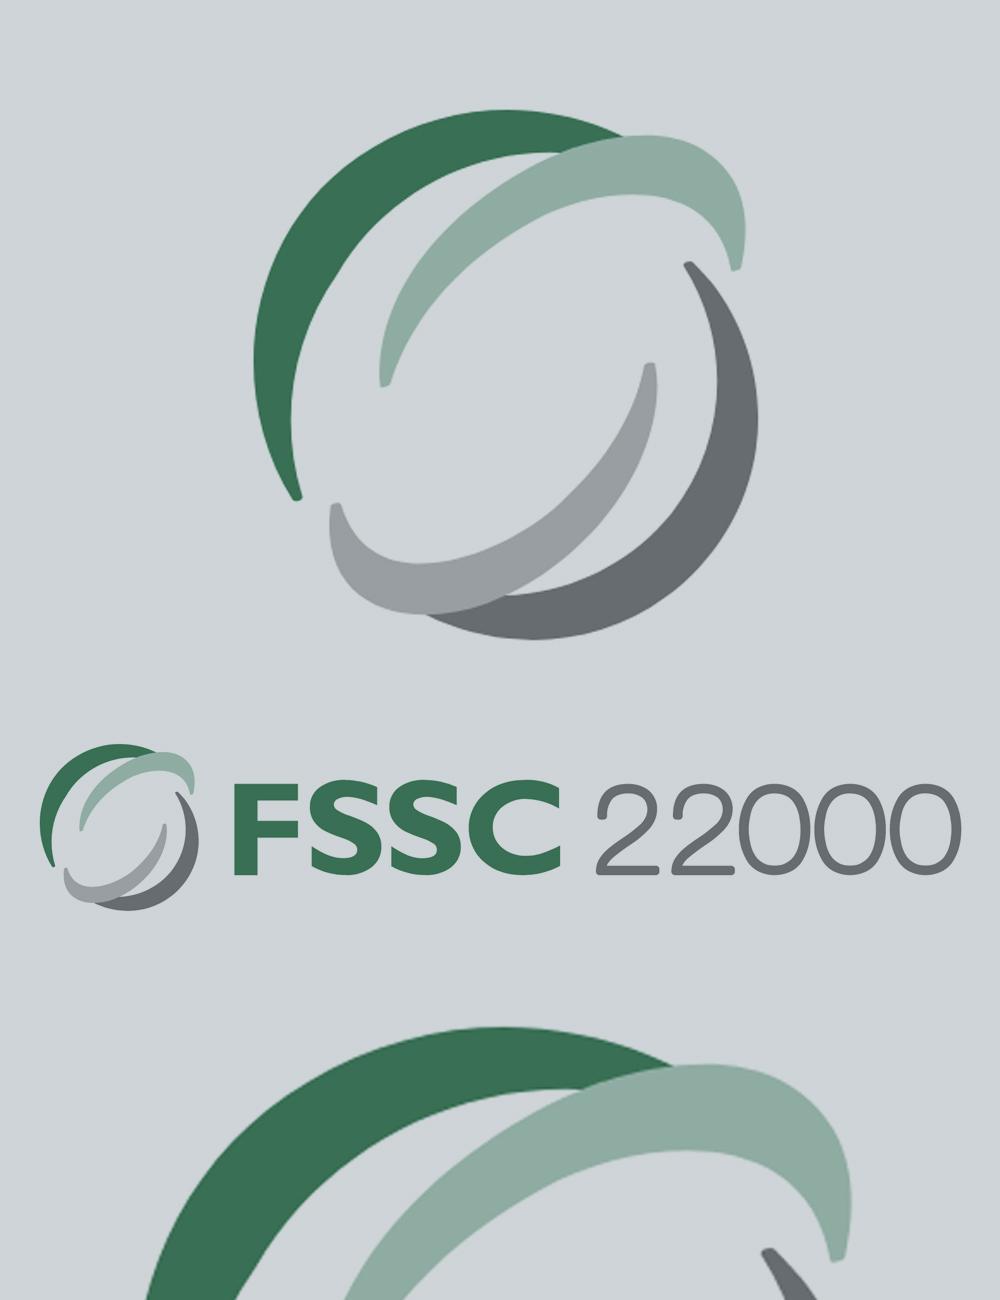 Immagine Zakład Zignago Vetro w Empoli uzyskuje certyfikat FSSC 22000.